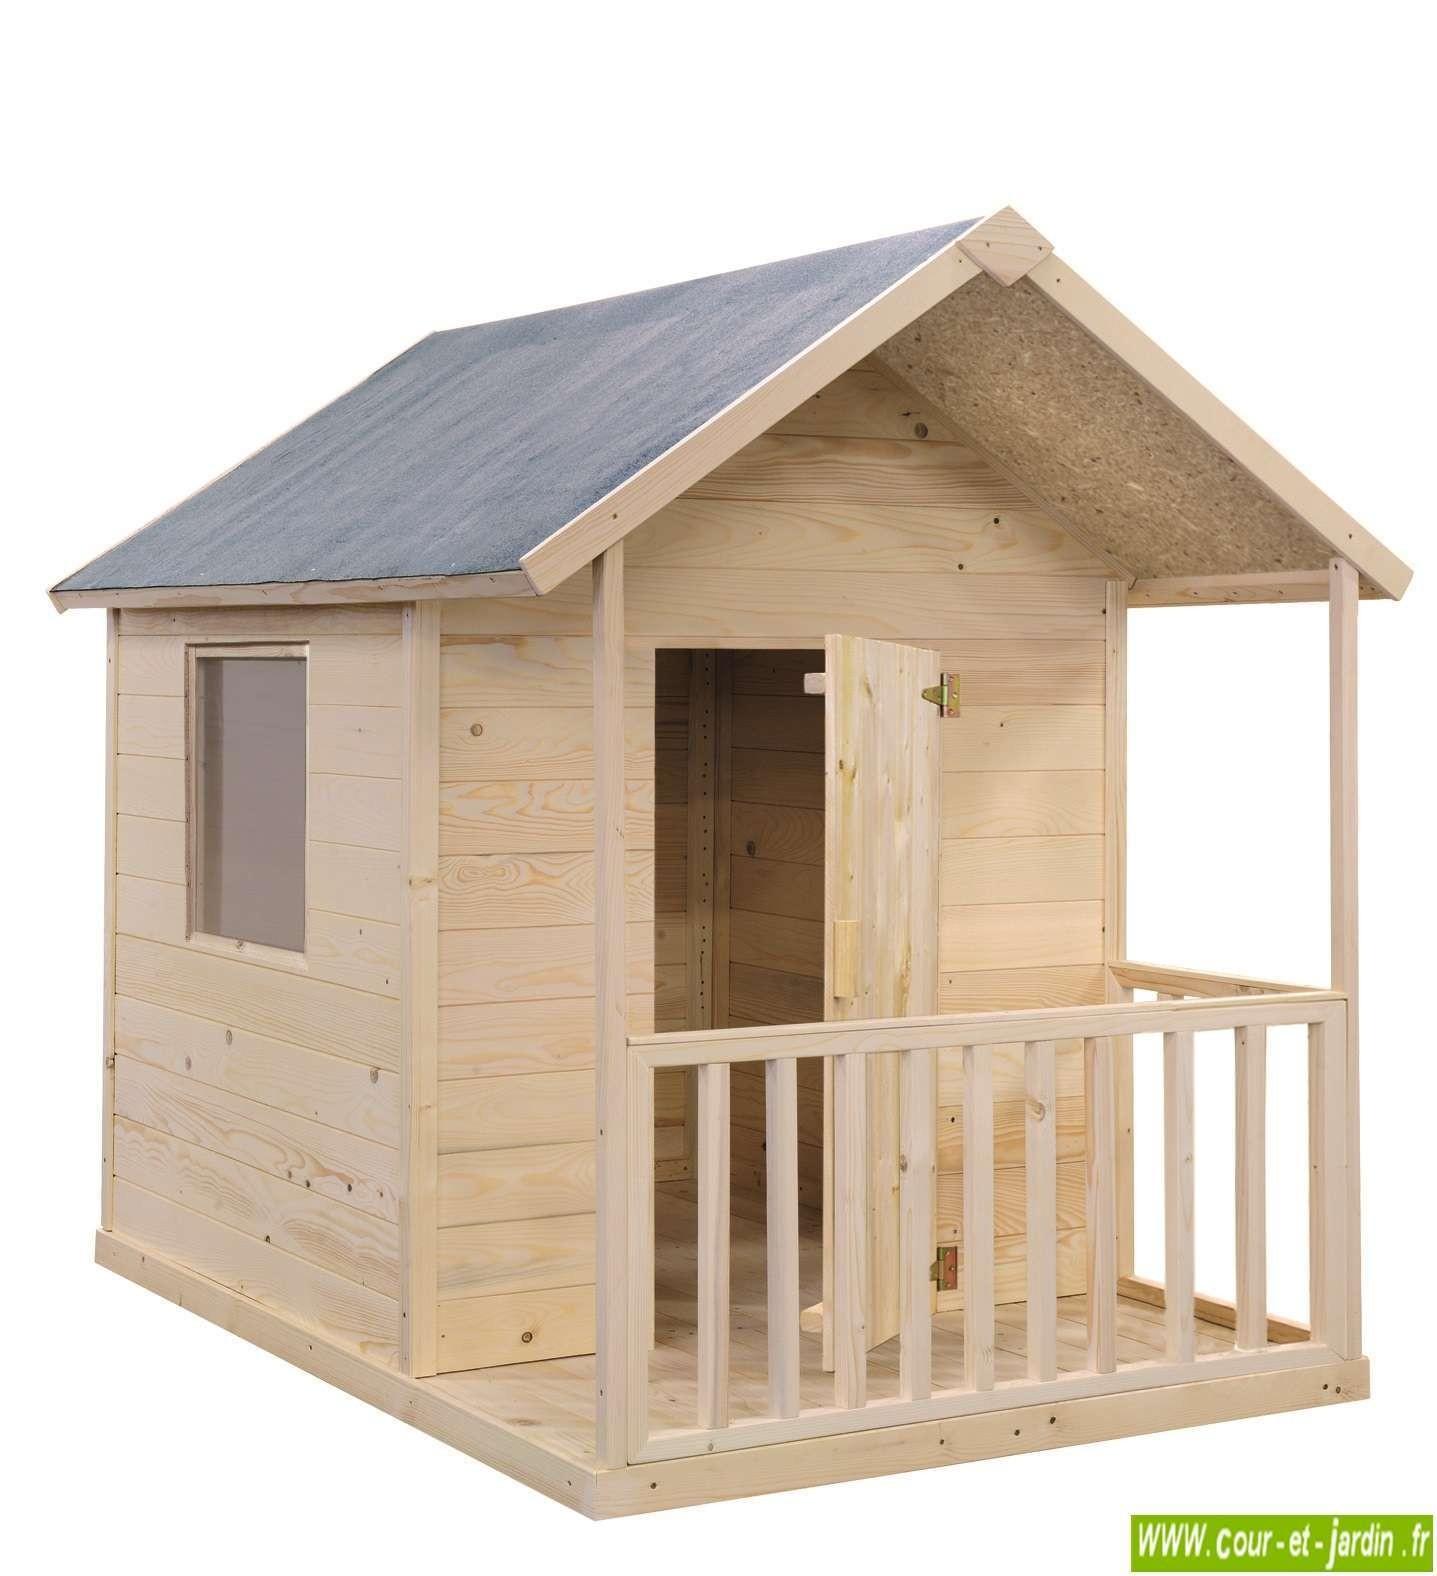 Maison Pour Enfant Exterieur cabane en bois pour enfant, cabane de jardin pour enfants